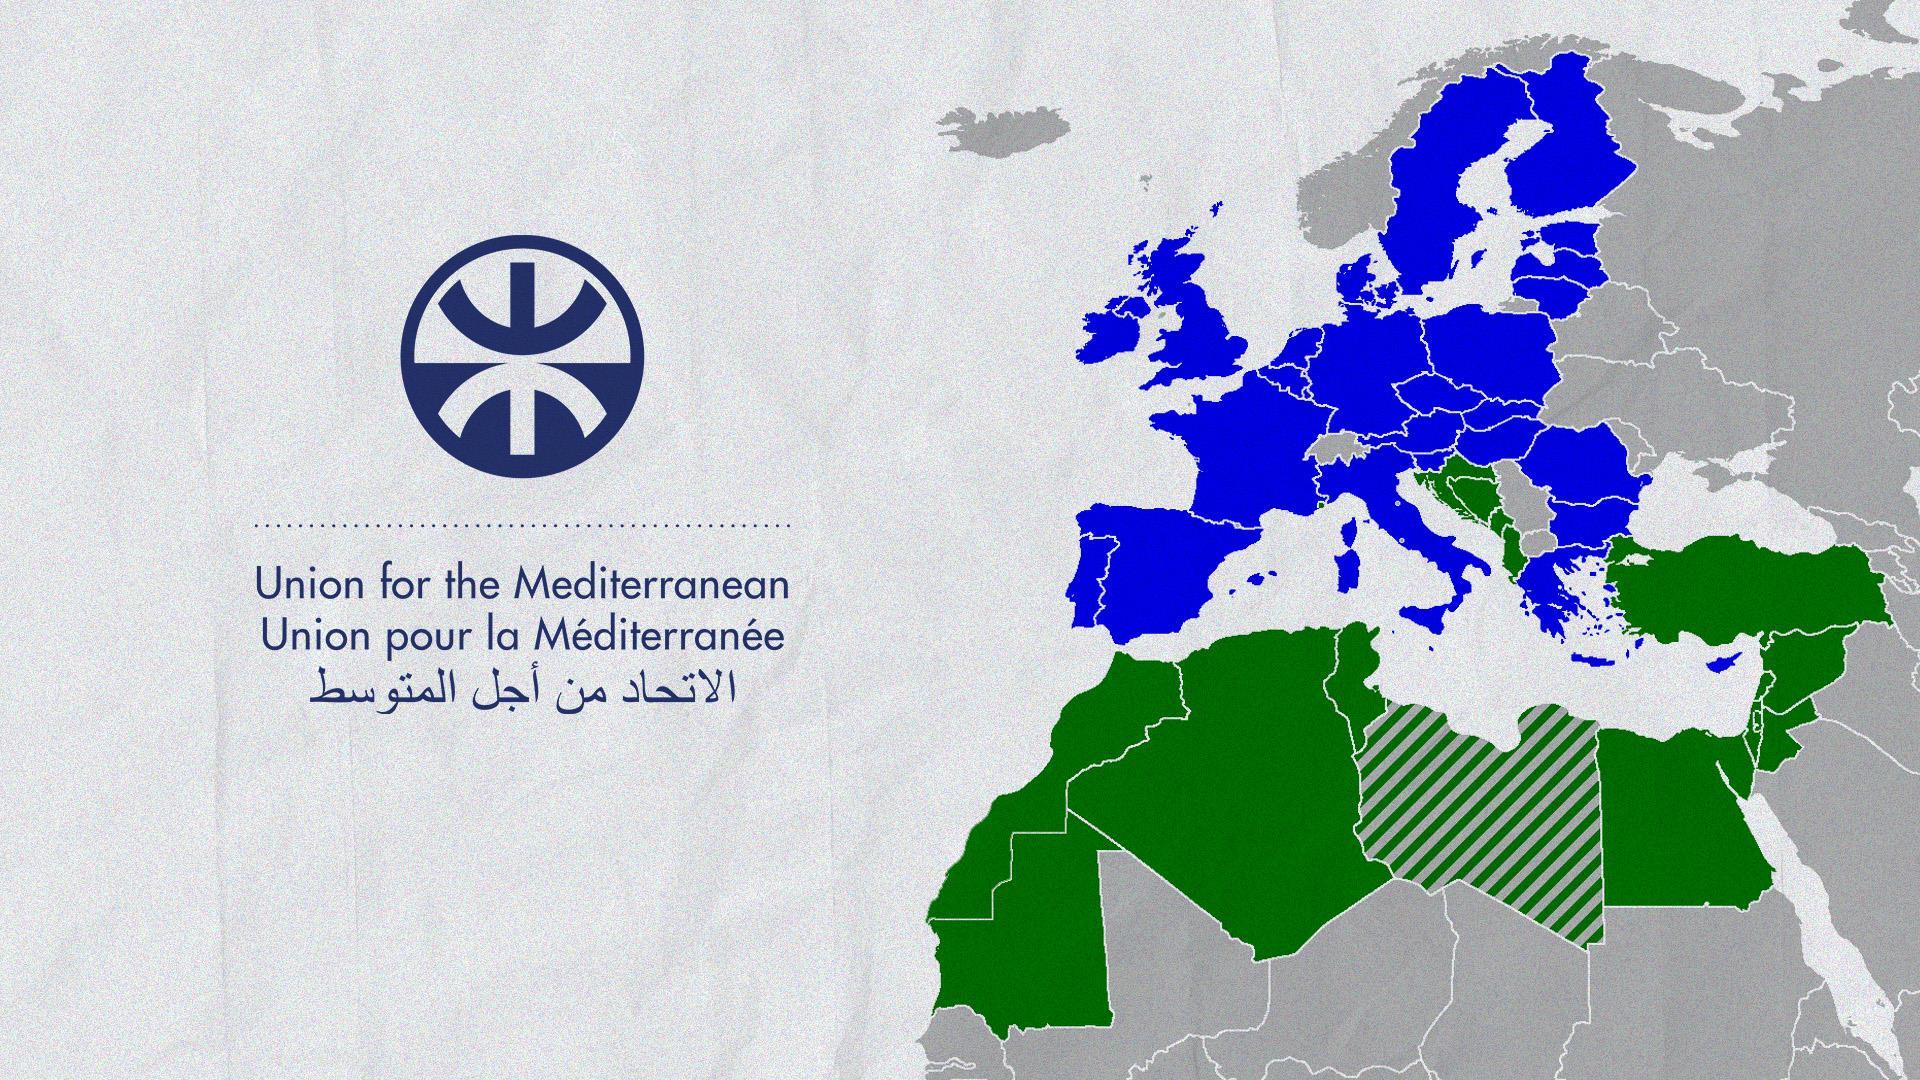 محمد الرزاز ضيف تحرير ميدي1...ما السبيل إلى تحقيق التكامل الإقليمي في منطقة المتوسط؟